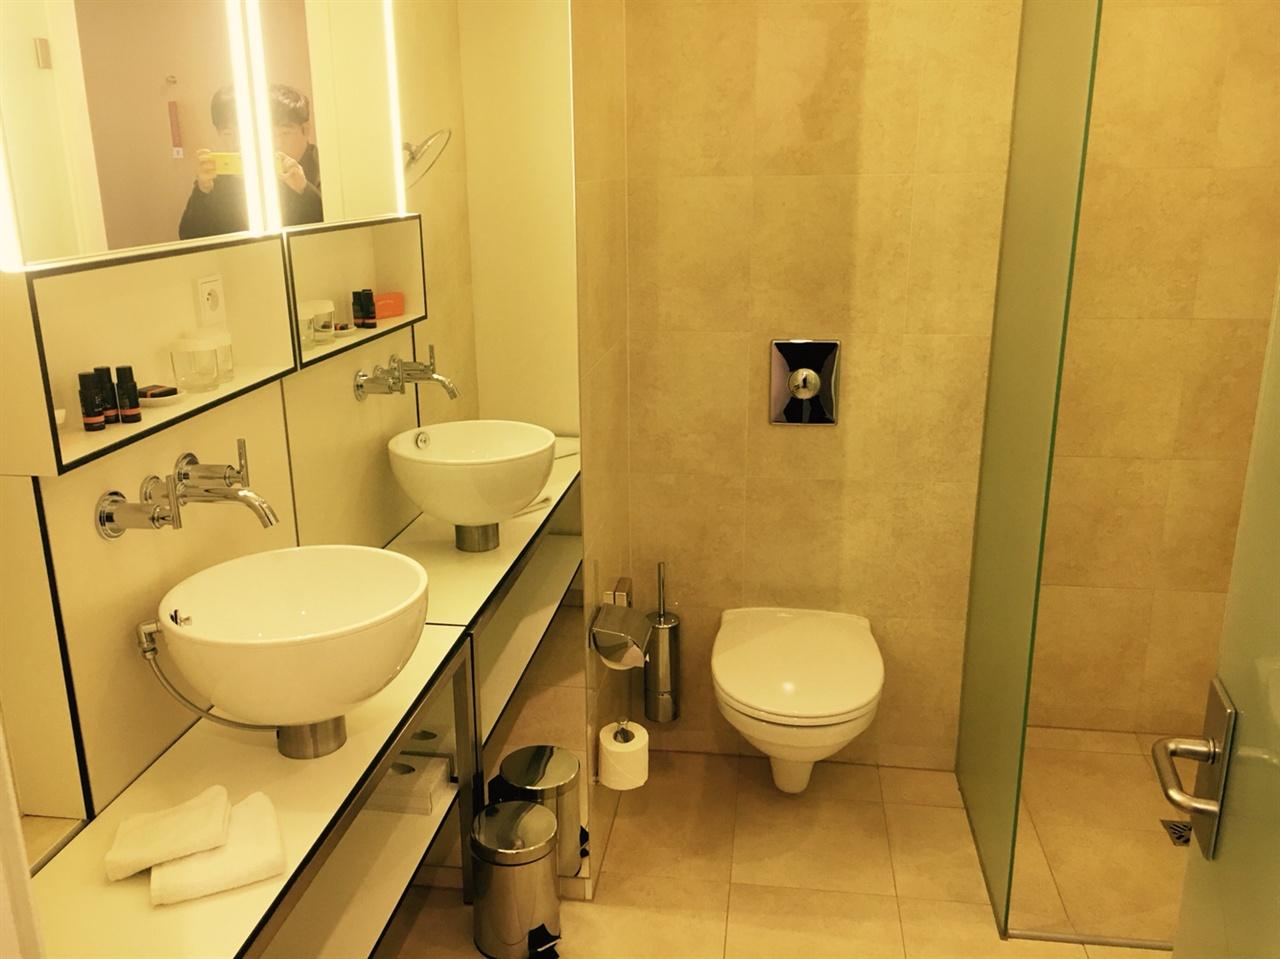 안델스 호텔 욕실의 모습